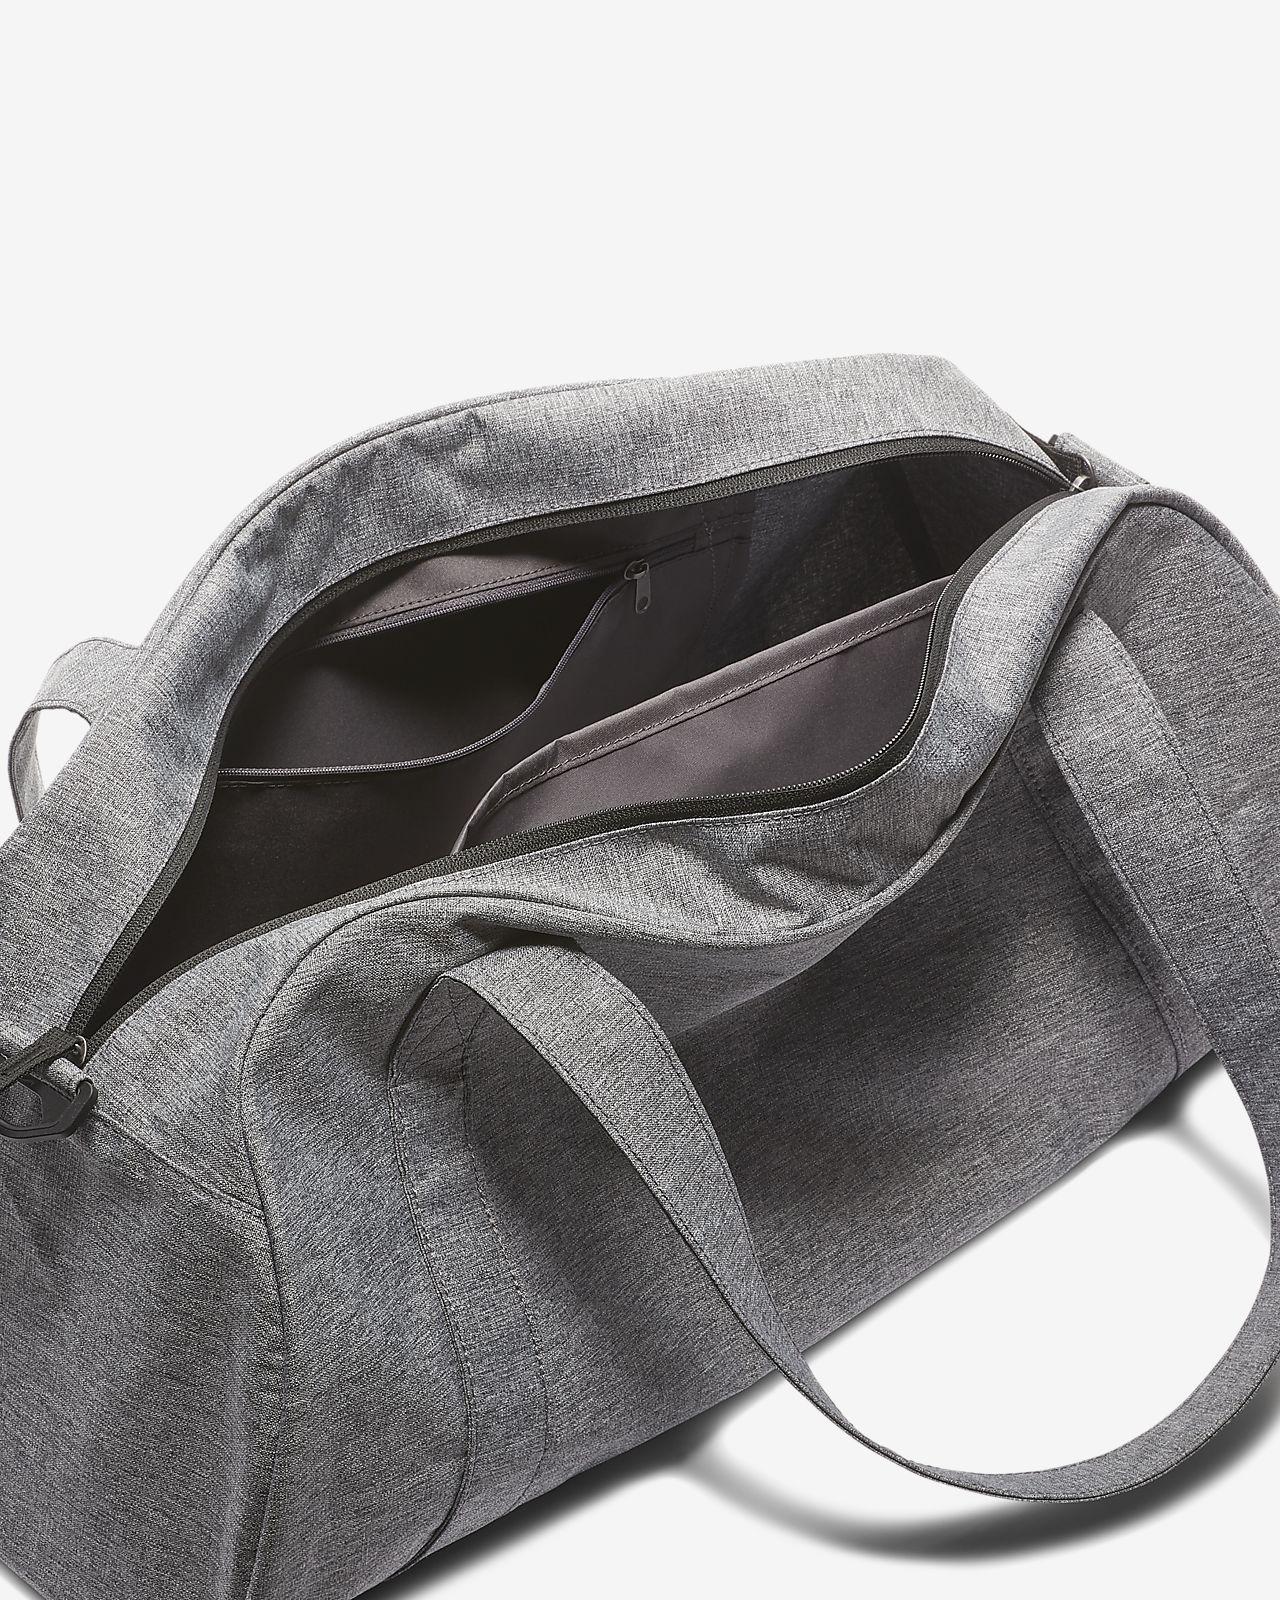 ce34feccfe8 Nike Gym Club Training Duffel Bag. Nike.com